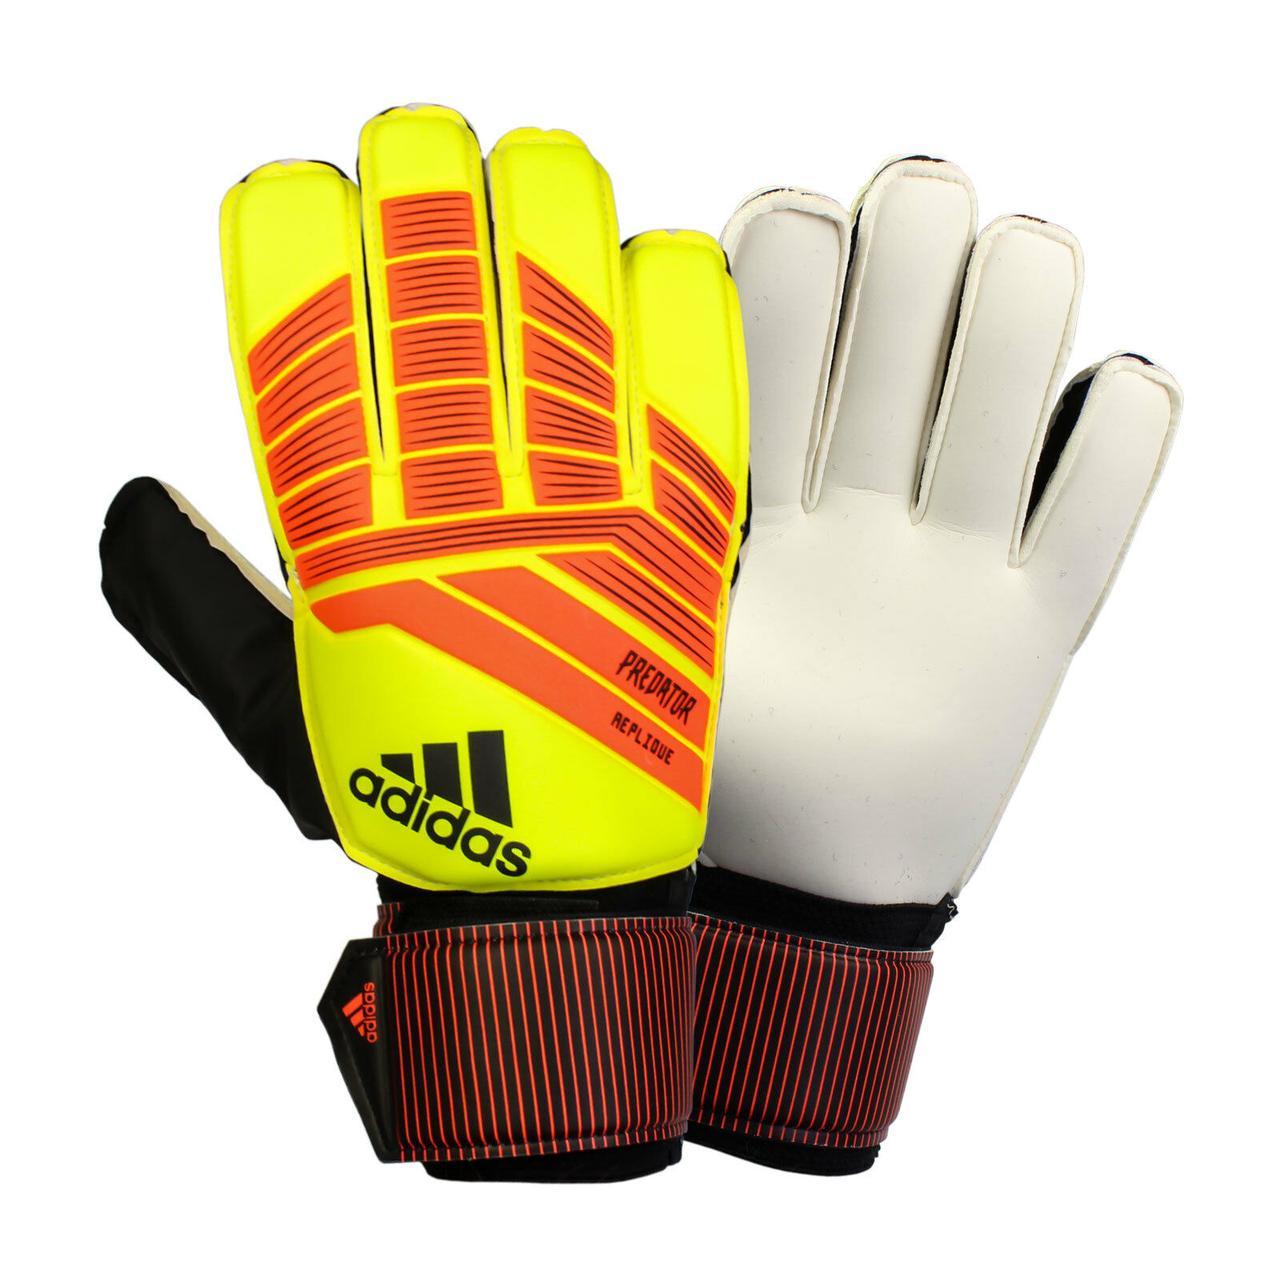 Вратарские перчатки adidas Predator Replique (CW5600) - Оригинал